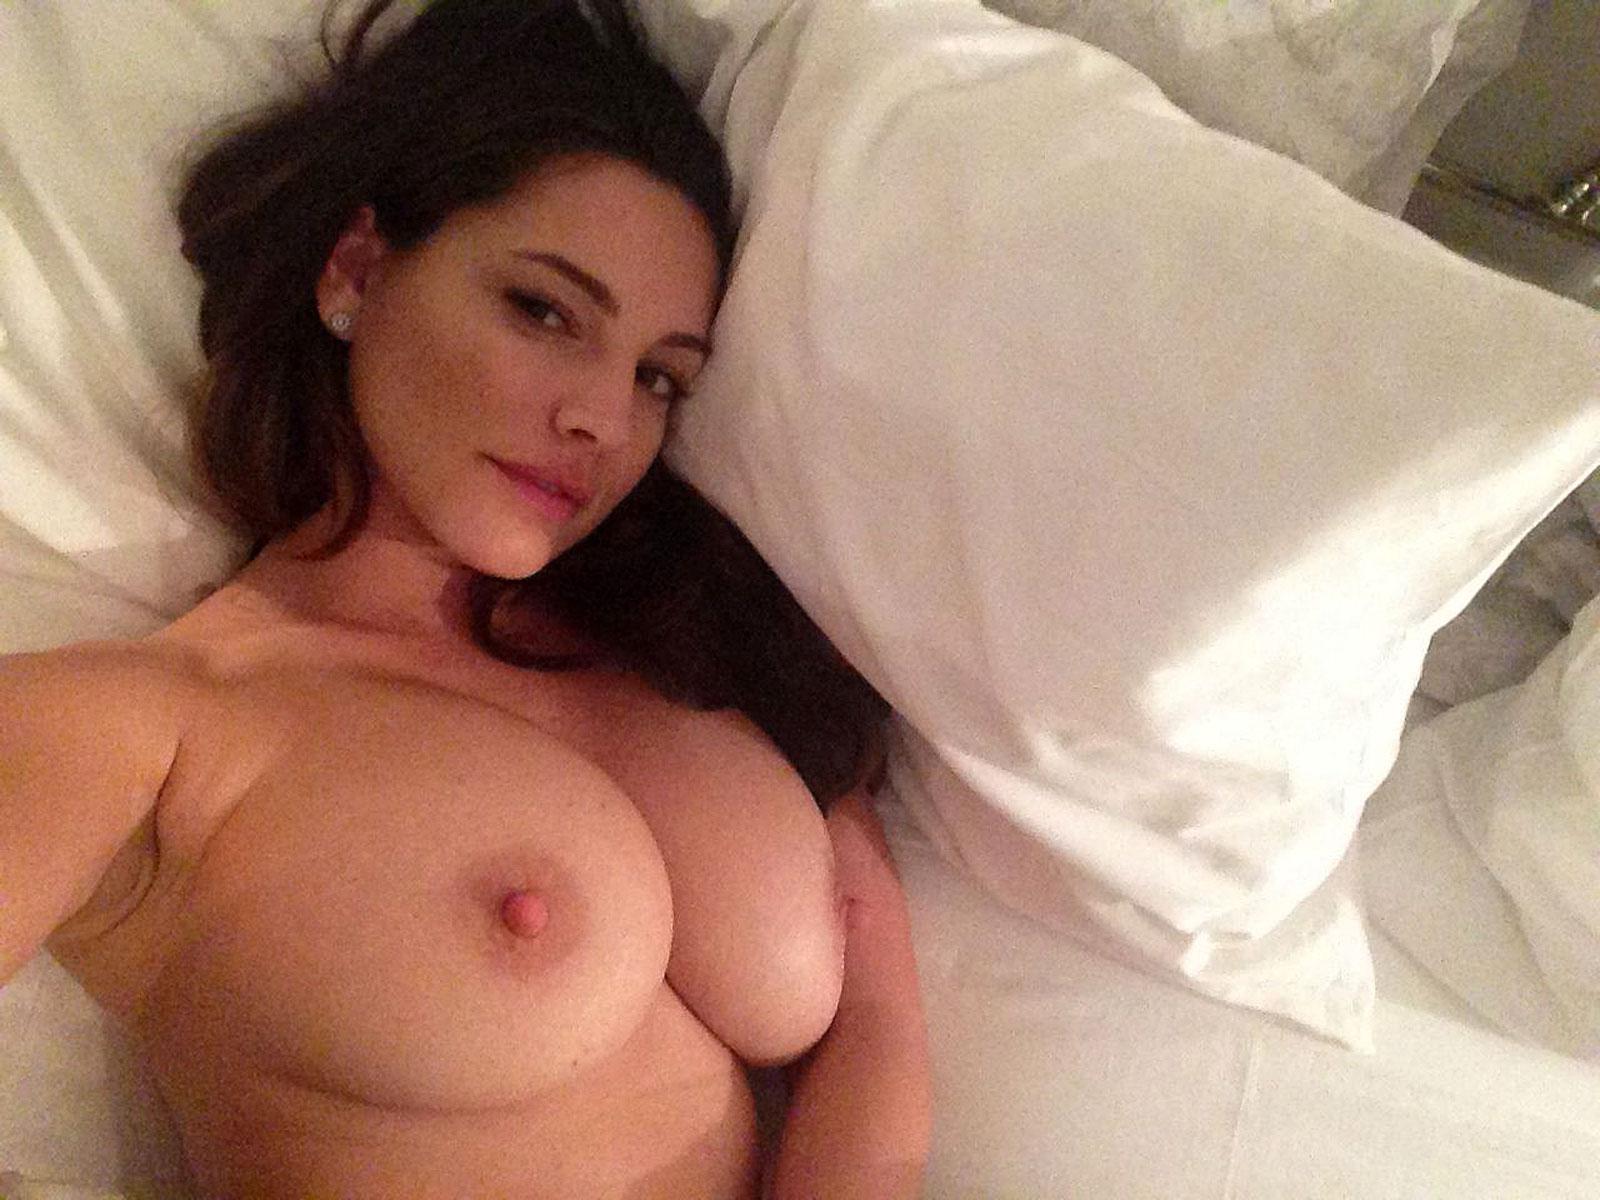 Kelly brook leaked nude